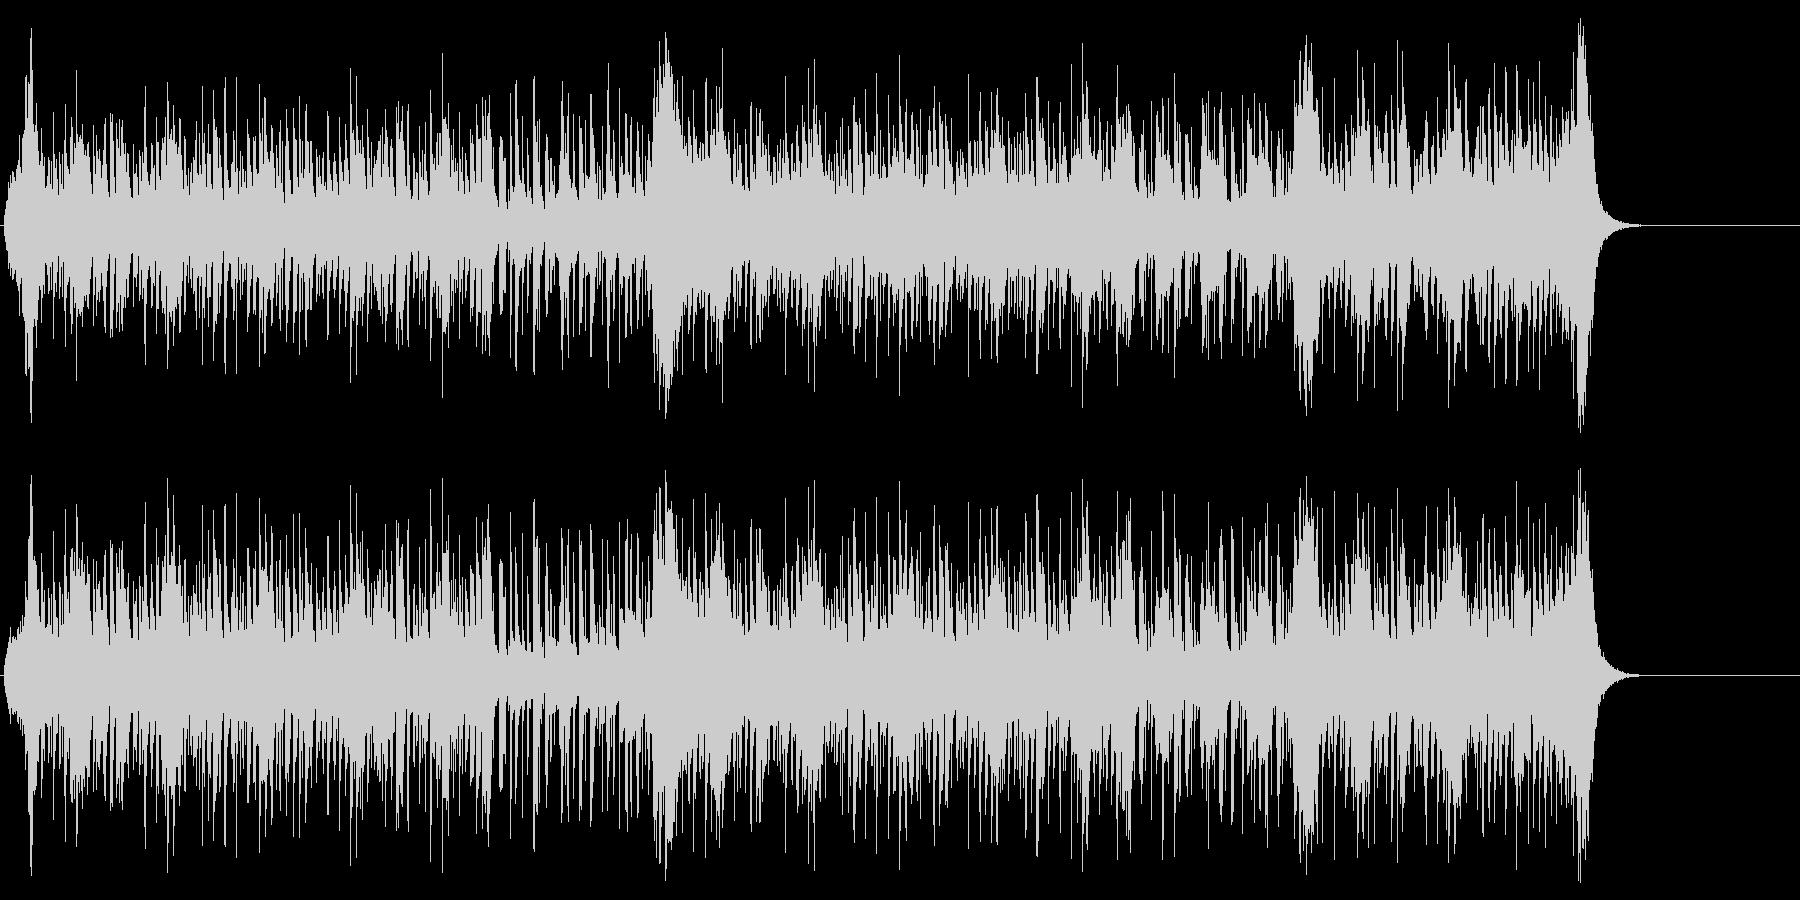 スイング・ジャズ風ポップ/BGの未再生の波形